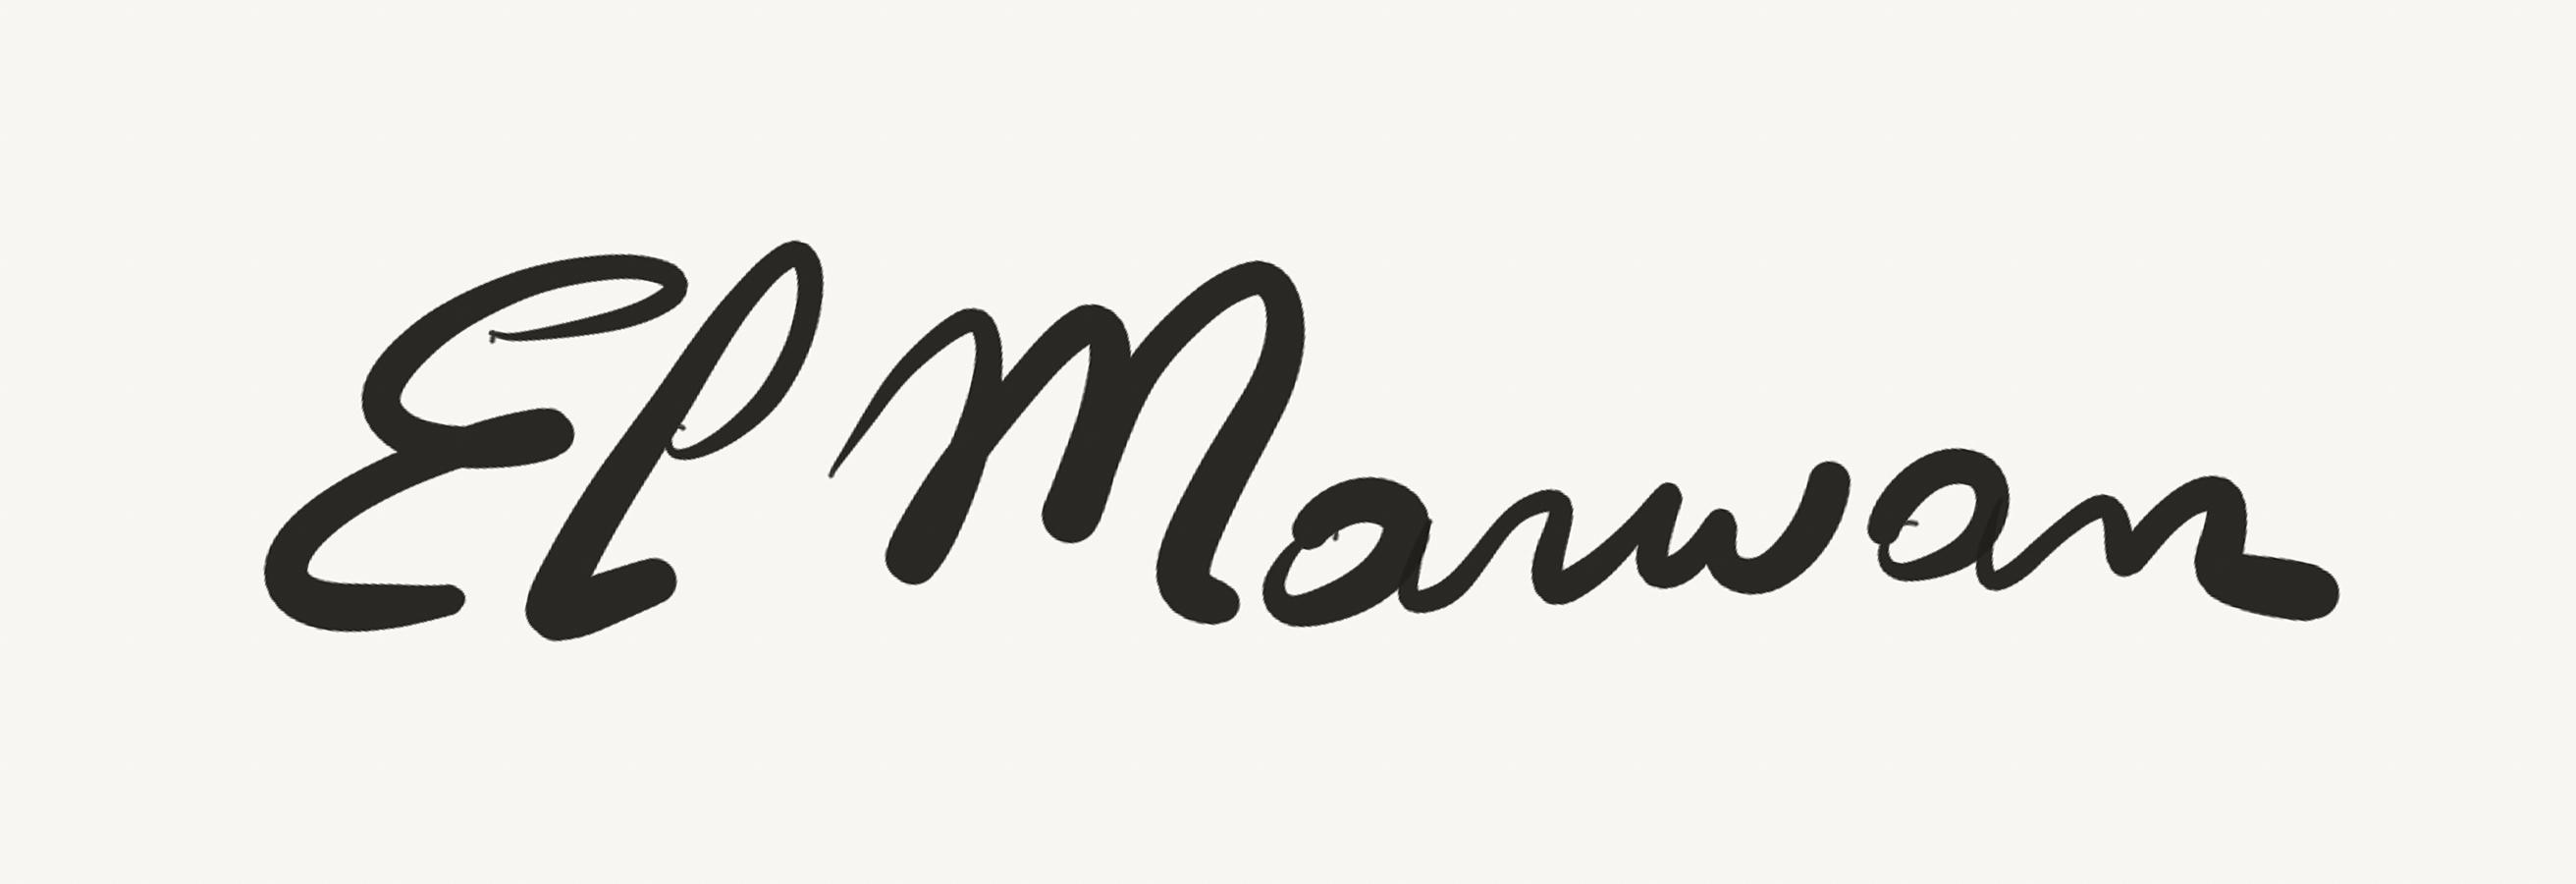 Marwan El Hassan Signature